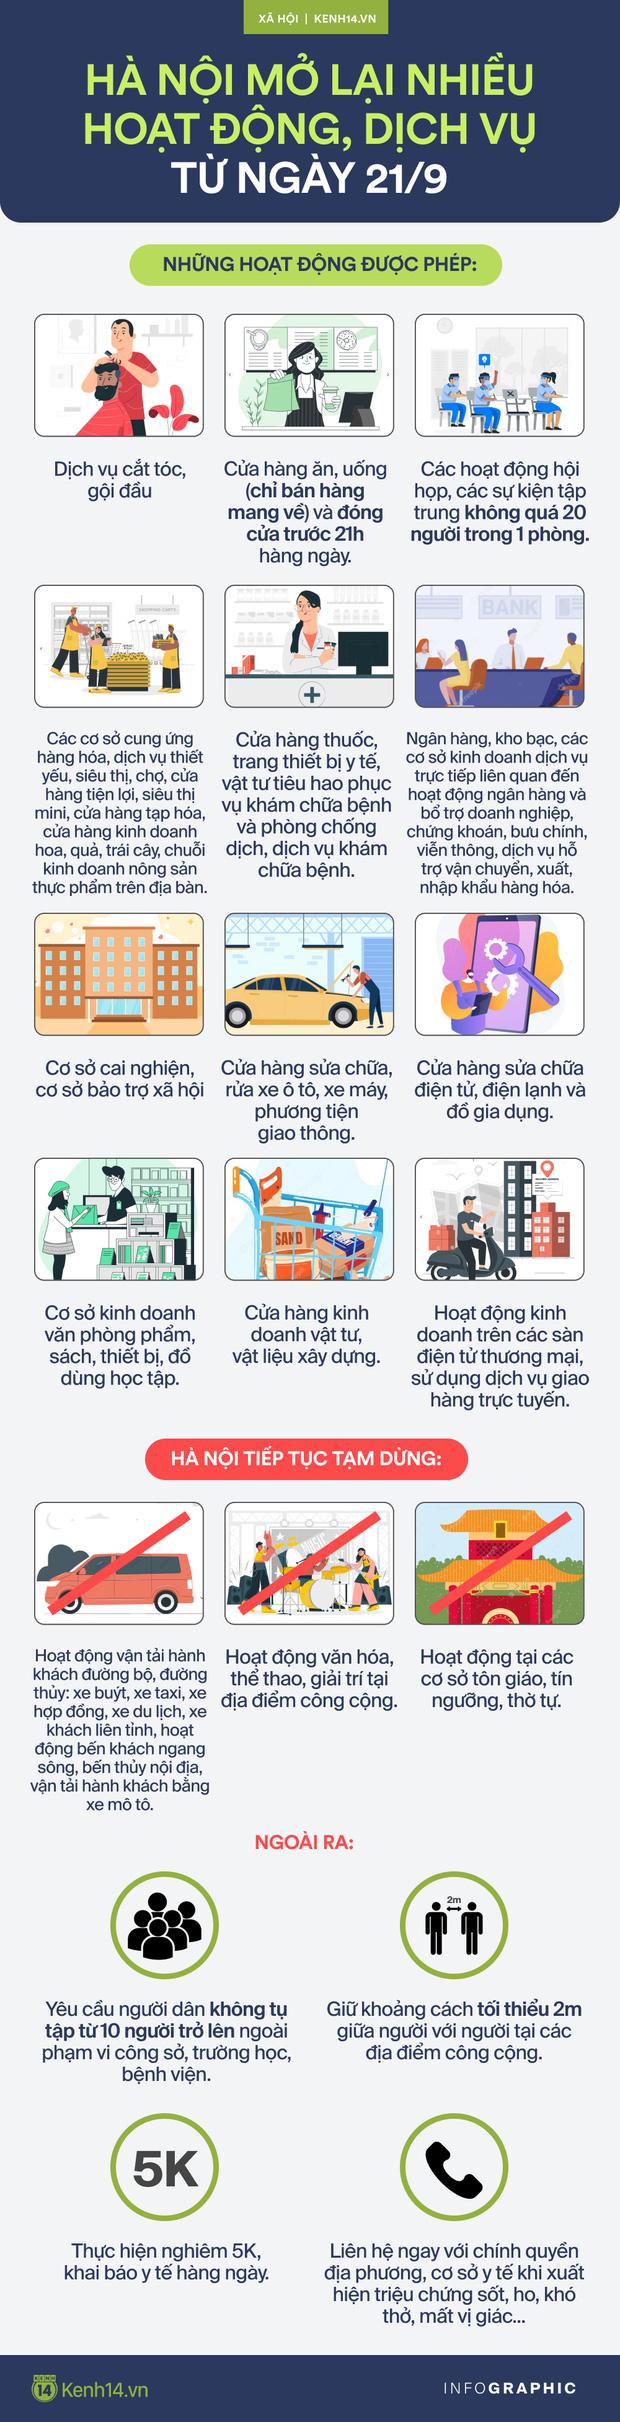 Diễn biến dịch ngày 21/9: Hà Nội mở lại những hoạt động, dịch vụ nào từ 6h ngày 21/9?; Người dân TP.HCM có thẻ xanh Covid được quay lại sản xuất, kinh doanh - Ảnh 1.